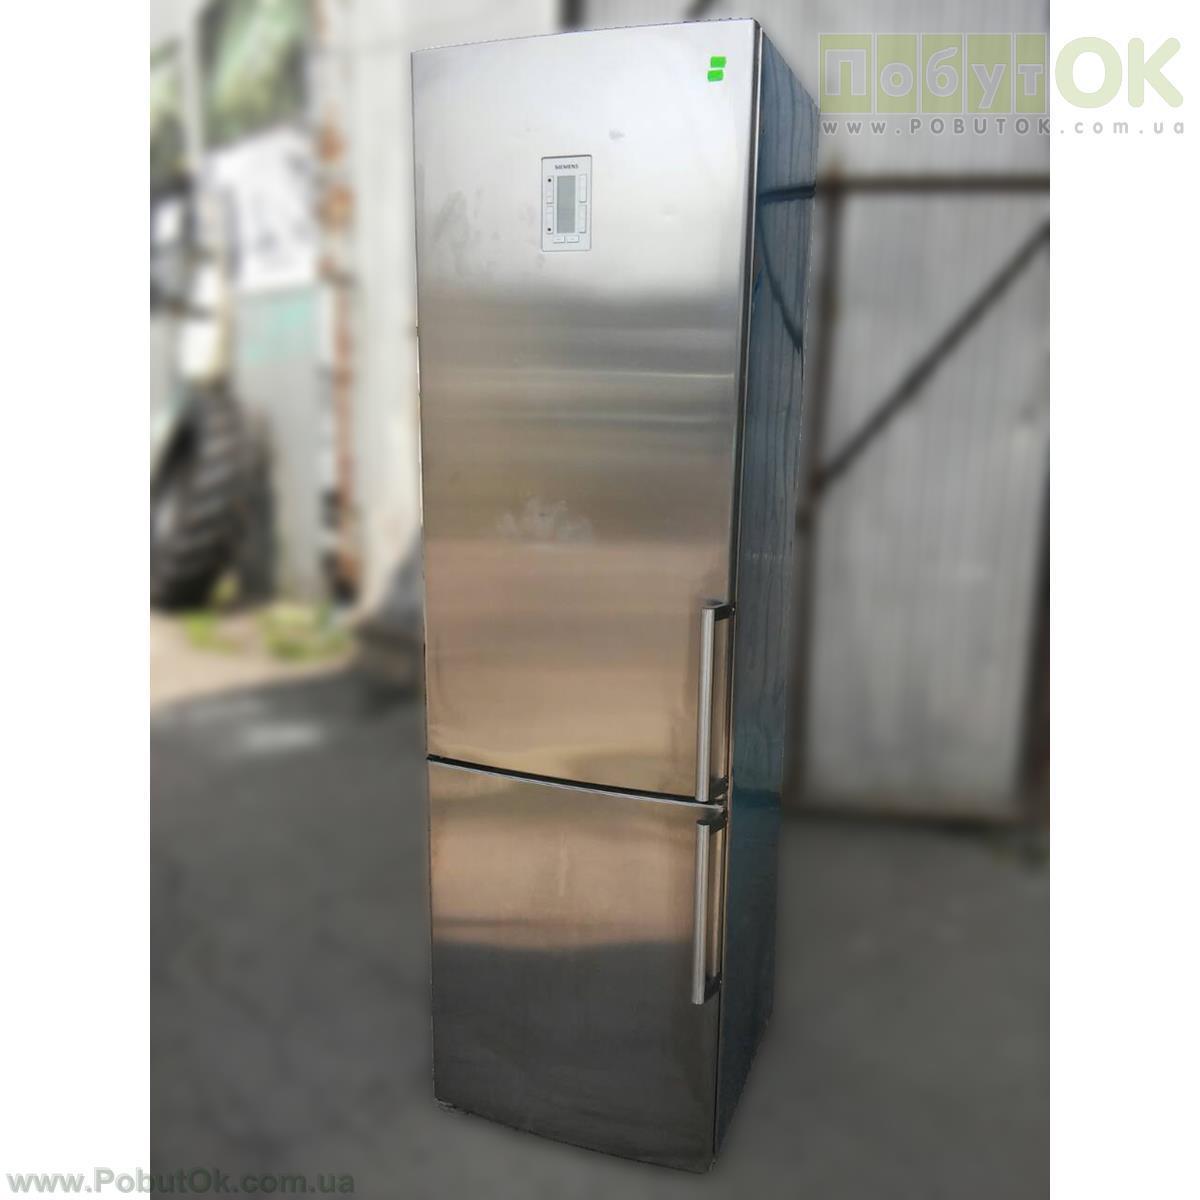 Холодильник SIEMENS KG39FP90/03 (Код:1506) Состояние: Б/У